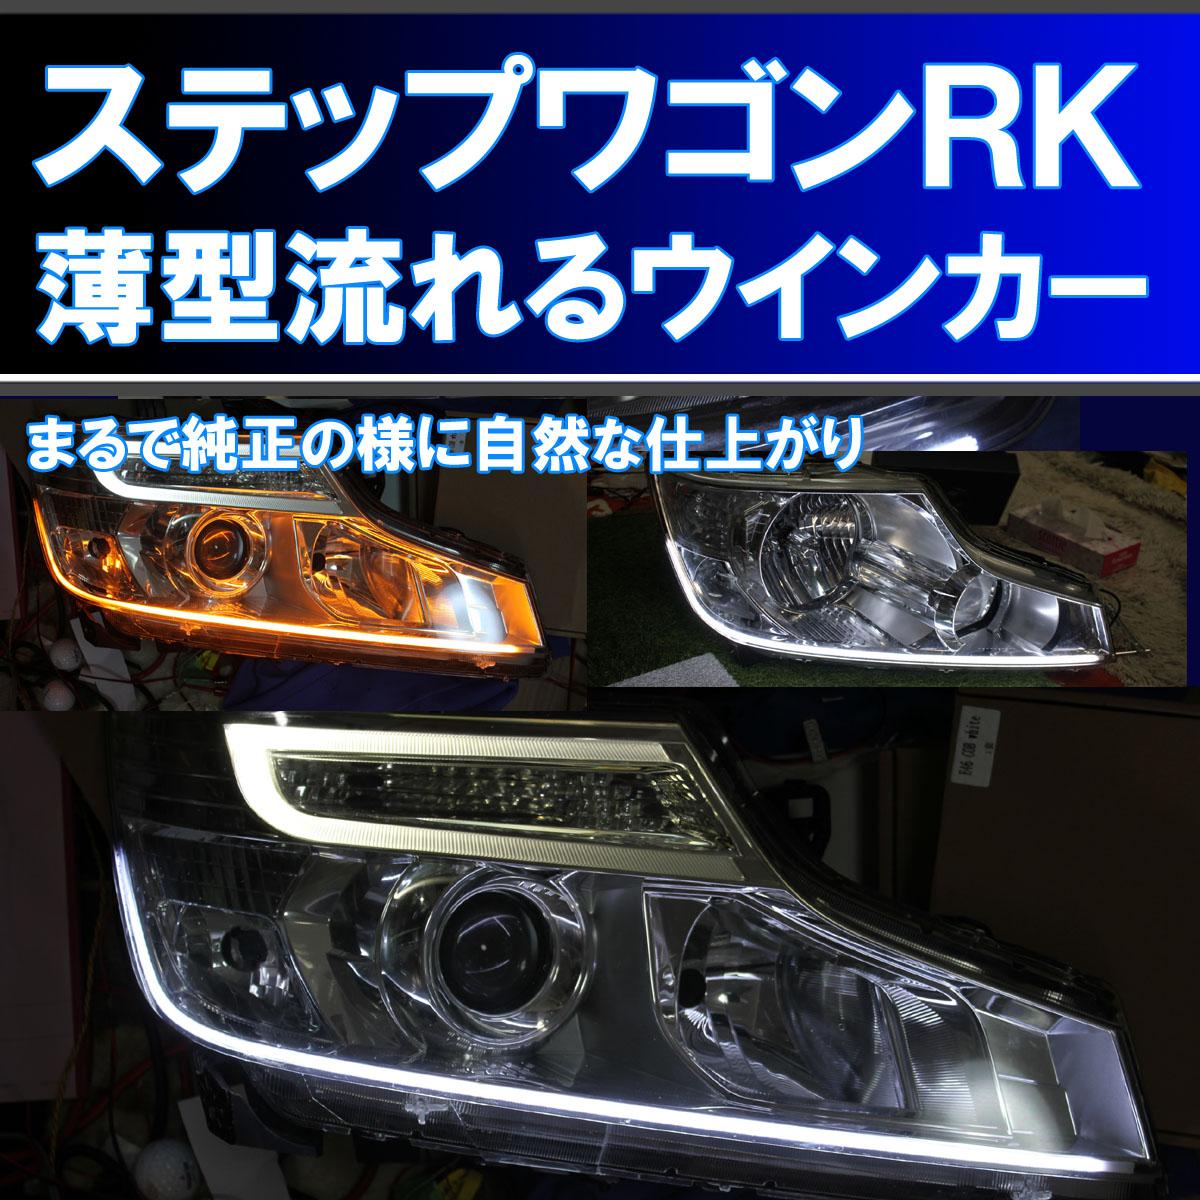 ★ステップワゴン RK1 RK2 前期、後期 薄型シーケンシャルウインカー 過去最高に美しいです アイライン 流れるウインカー デイライト スパーダ RK5 RK6